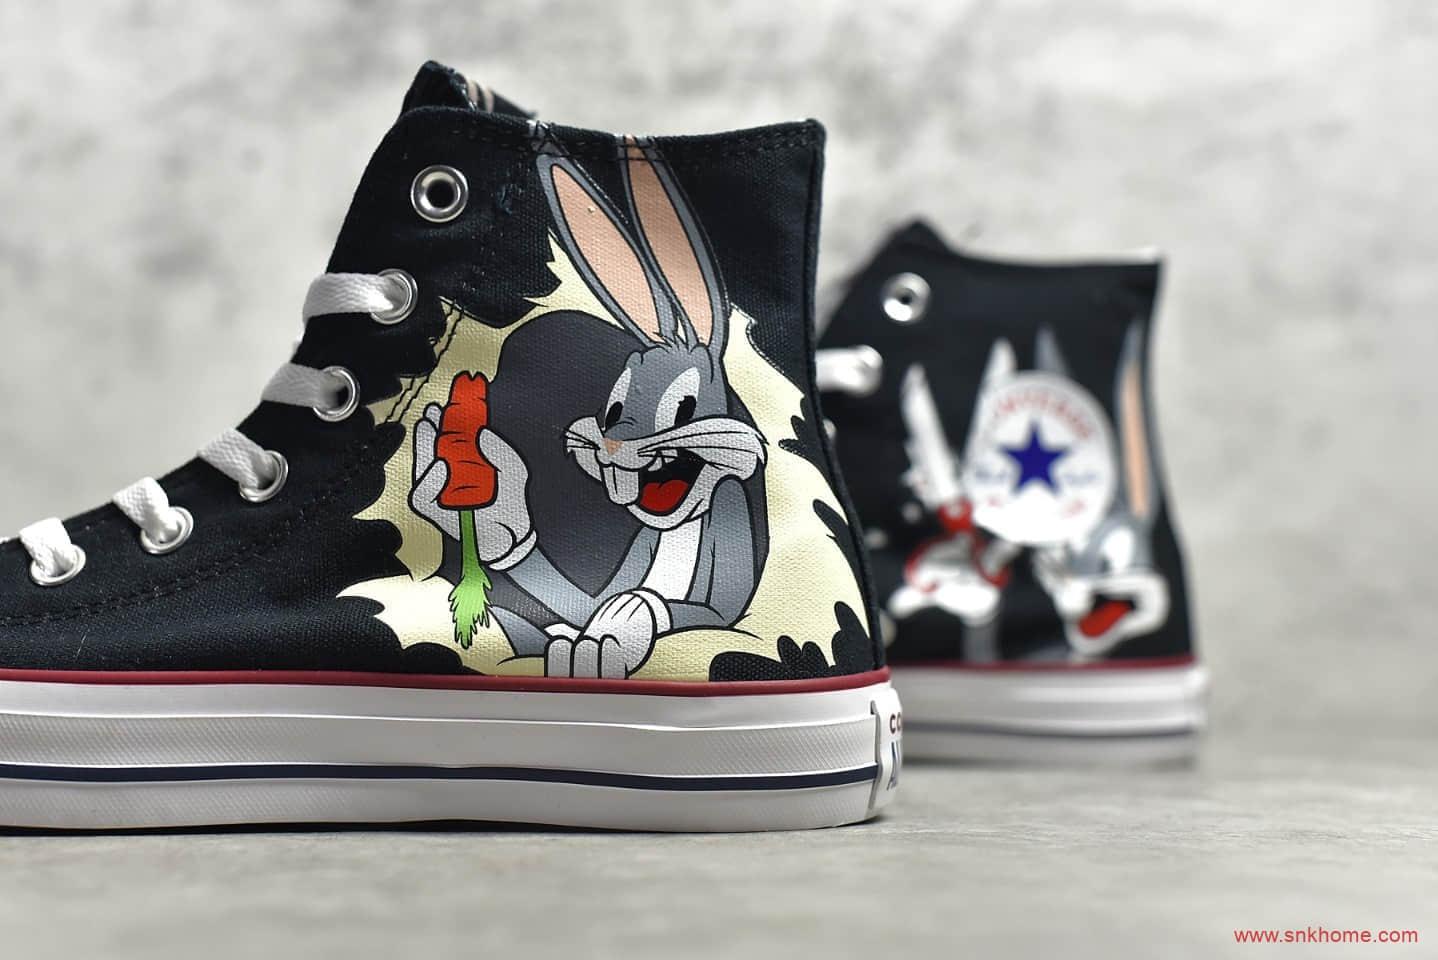 匡威兔八哥联名公司级版本 Bugs Bunny x Converse 匡威ALL STAR黑色高帮帆布鞋联名款 货号:169225C-潮流者之家